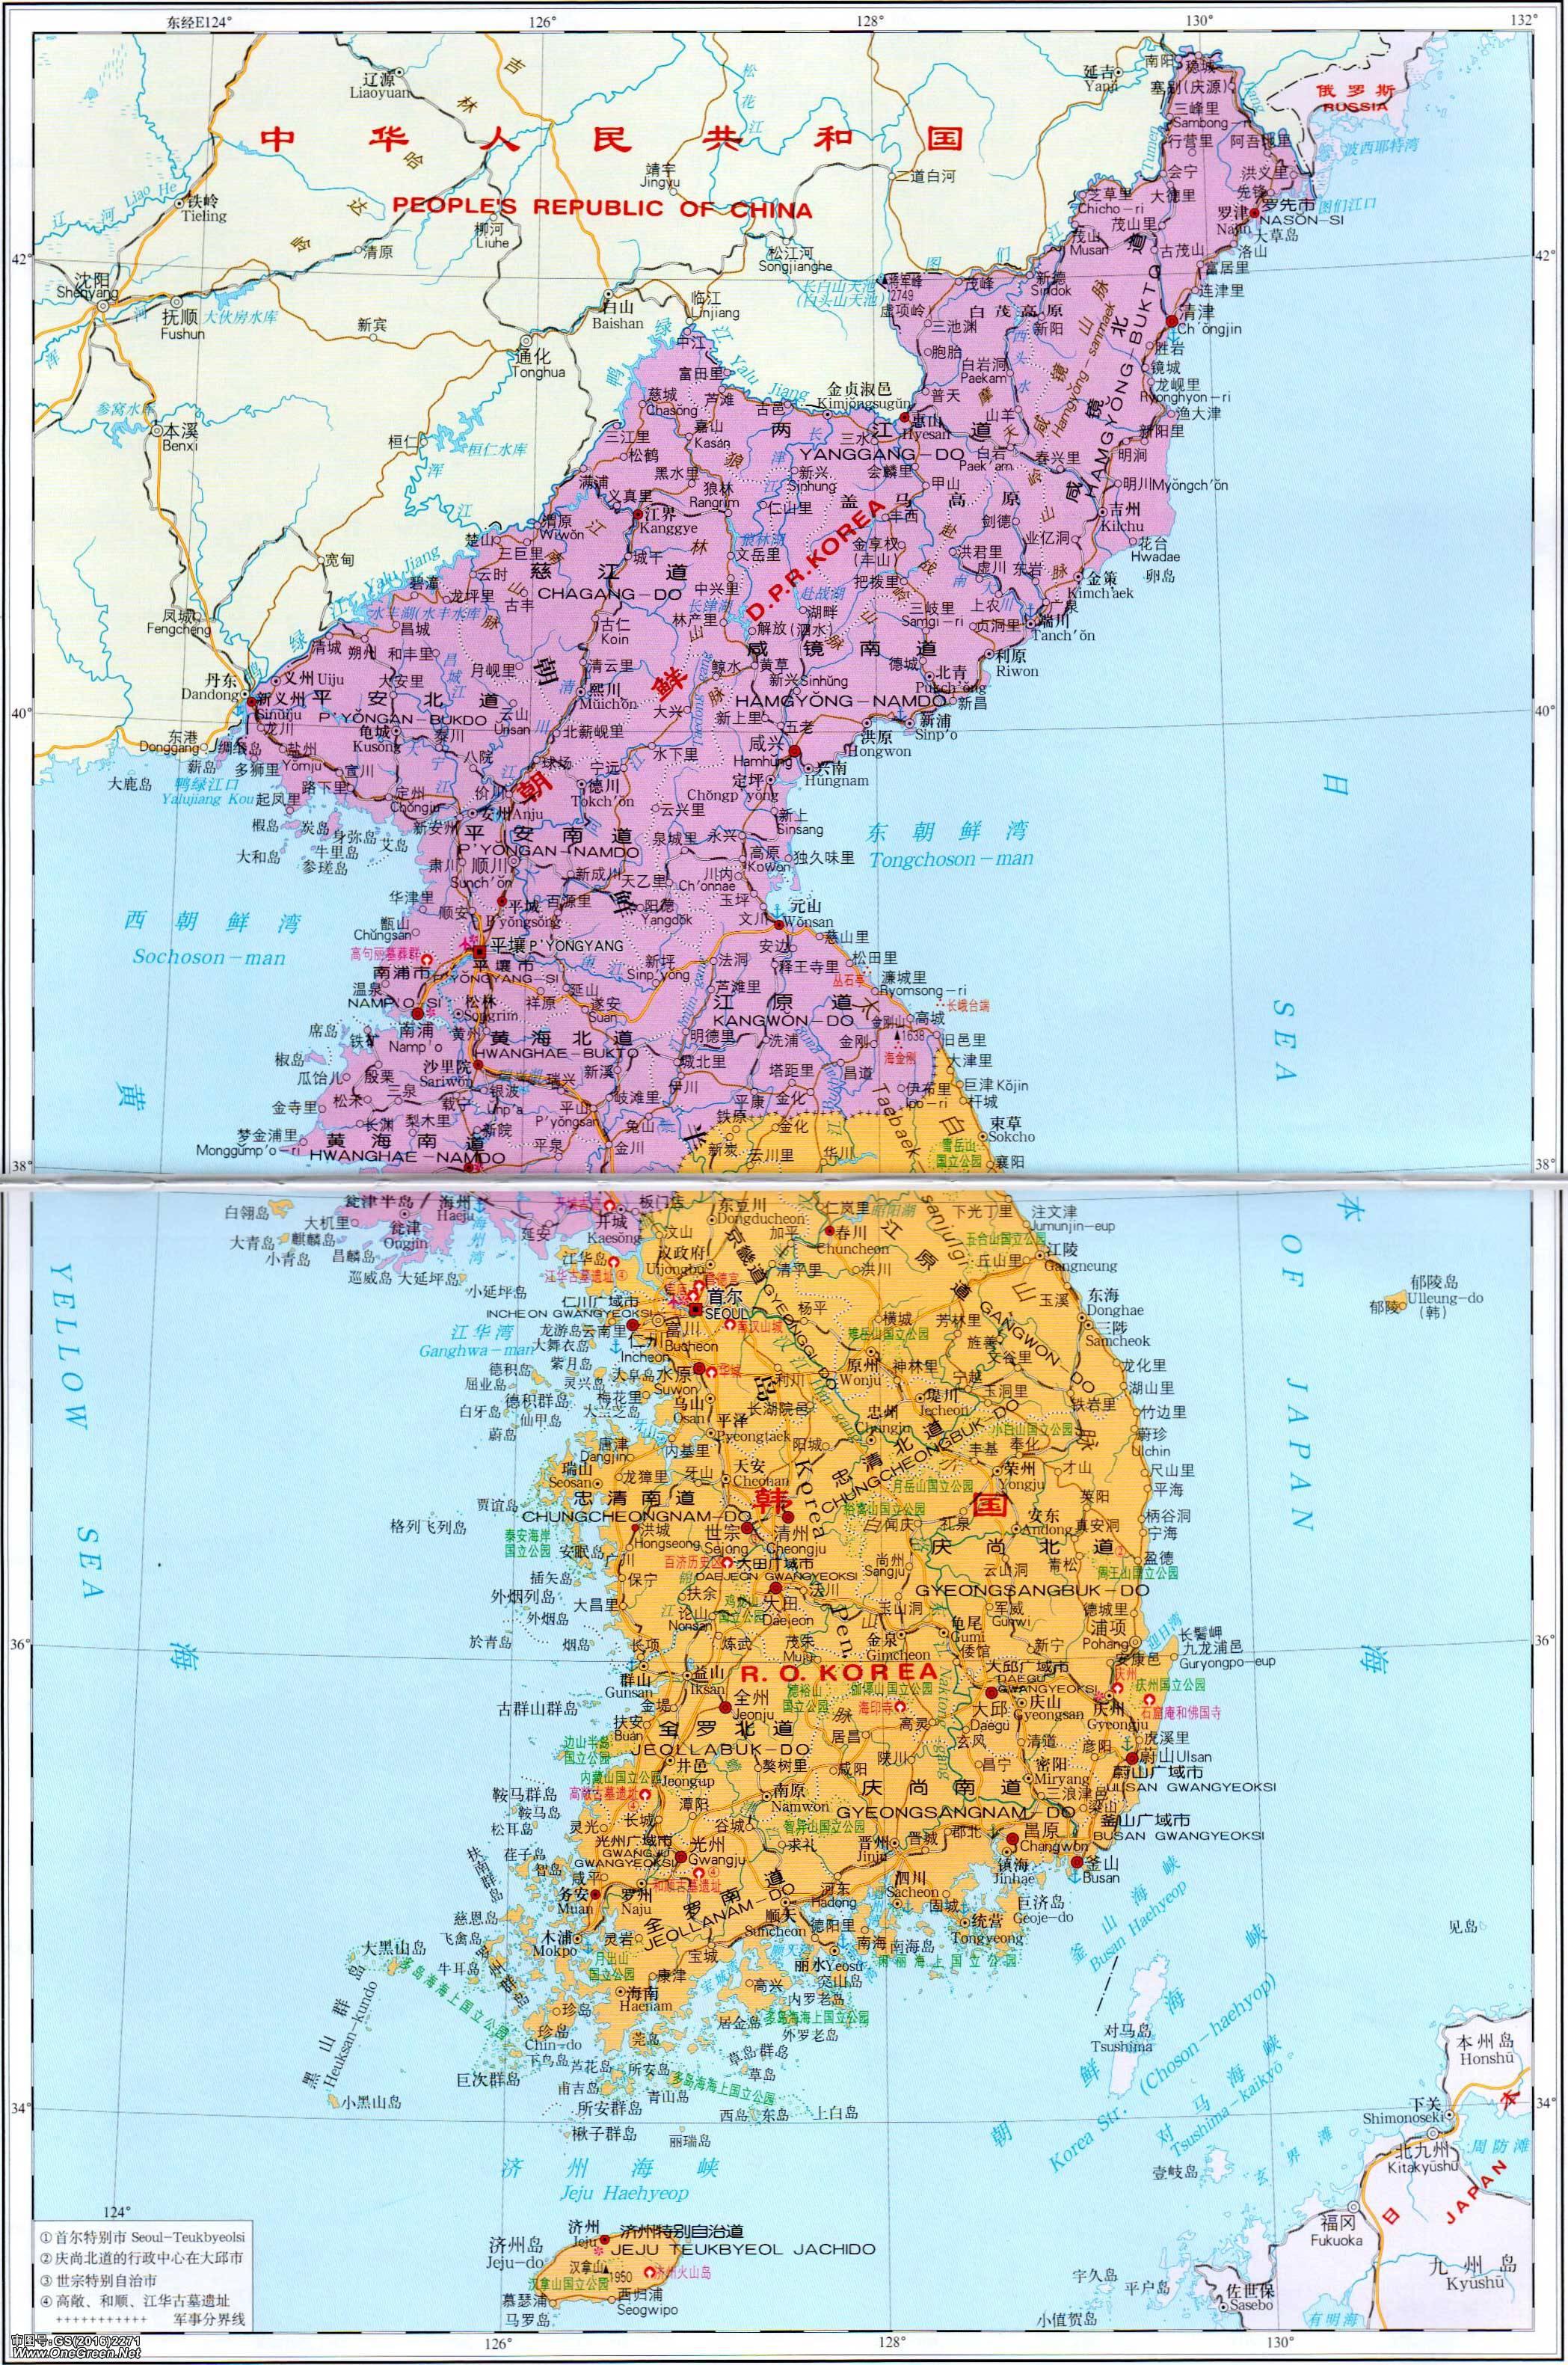 济州岛旅游景点地图_韩国地图中文版图片展示_韩国地图中文版相关图片下载